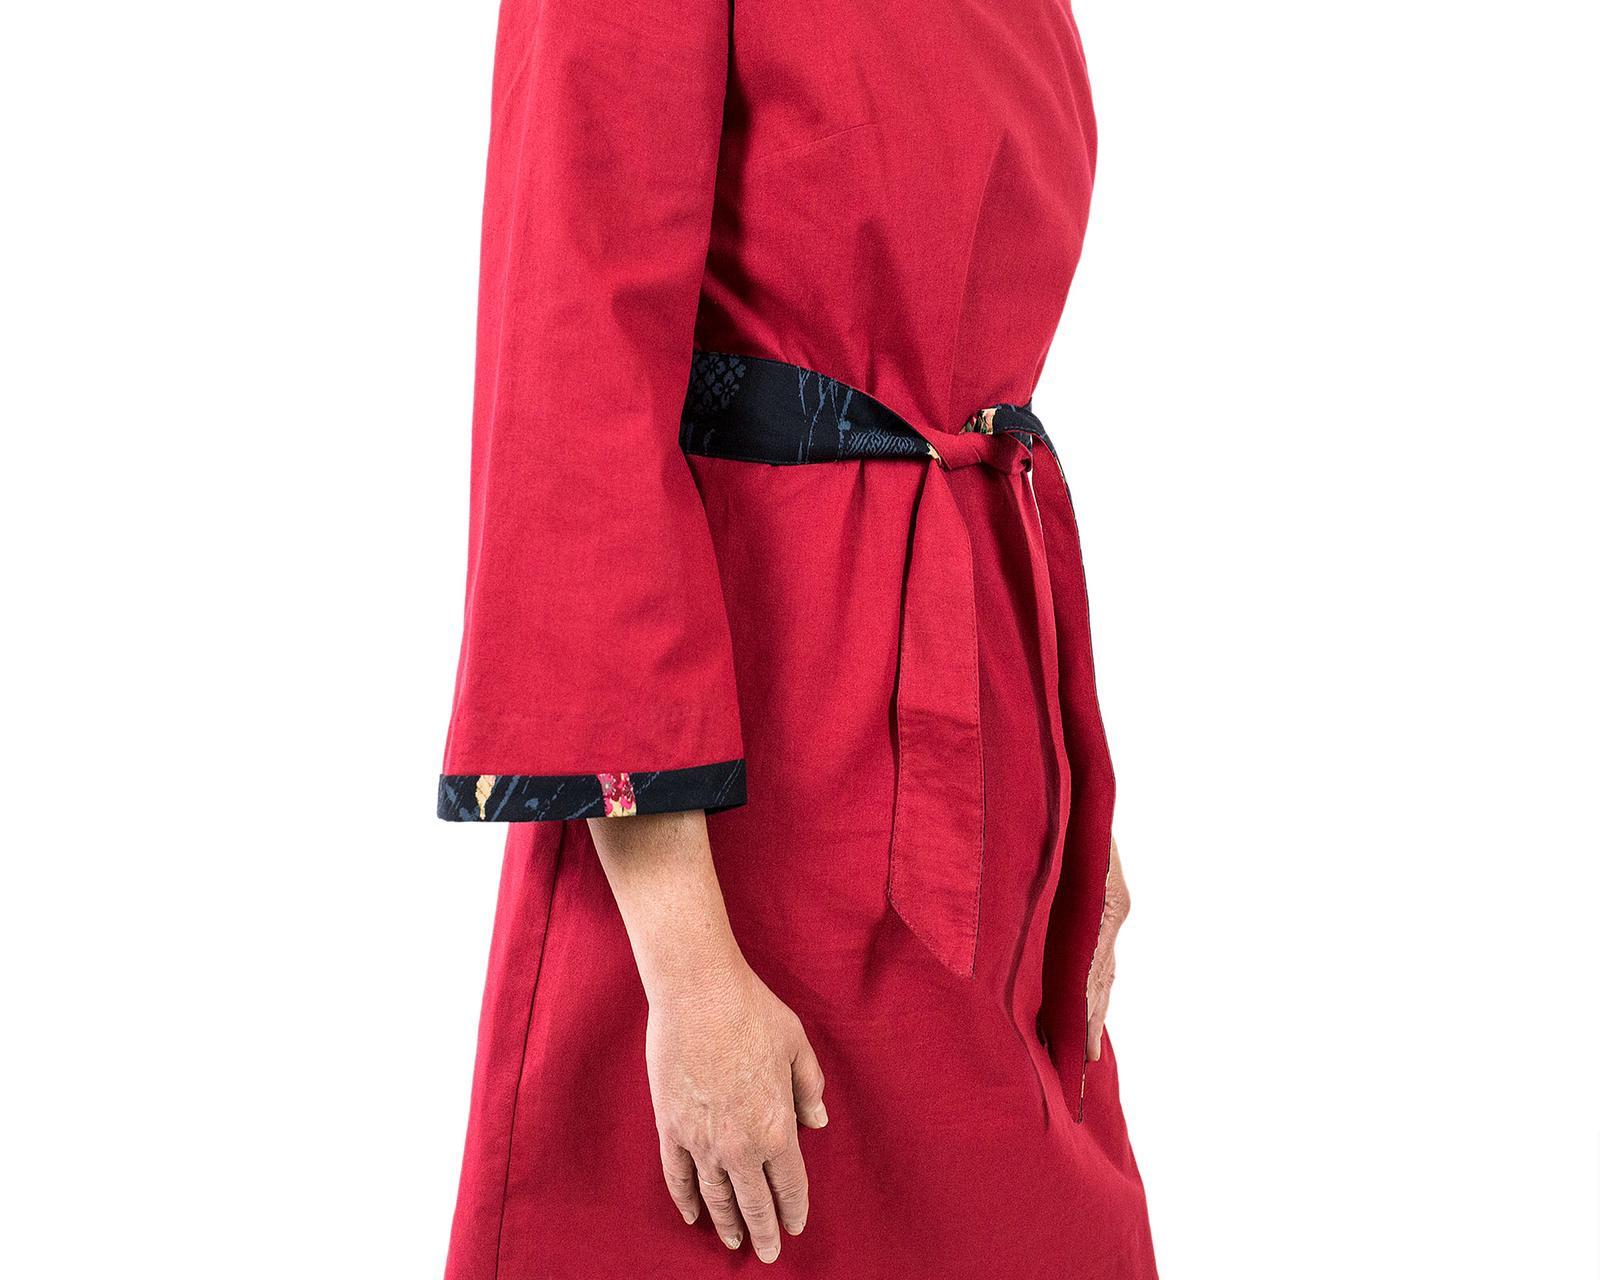 vestito con manica a tre quarti svasata, collo a barca e linea leggermente svasata di cotone rosso scuro con bordo di cotone giapponese blu a cerchi con fiori rossi, rosa e celesti